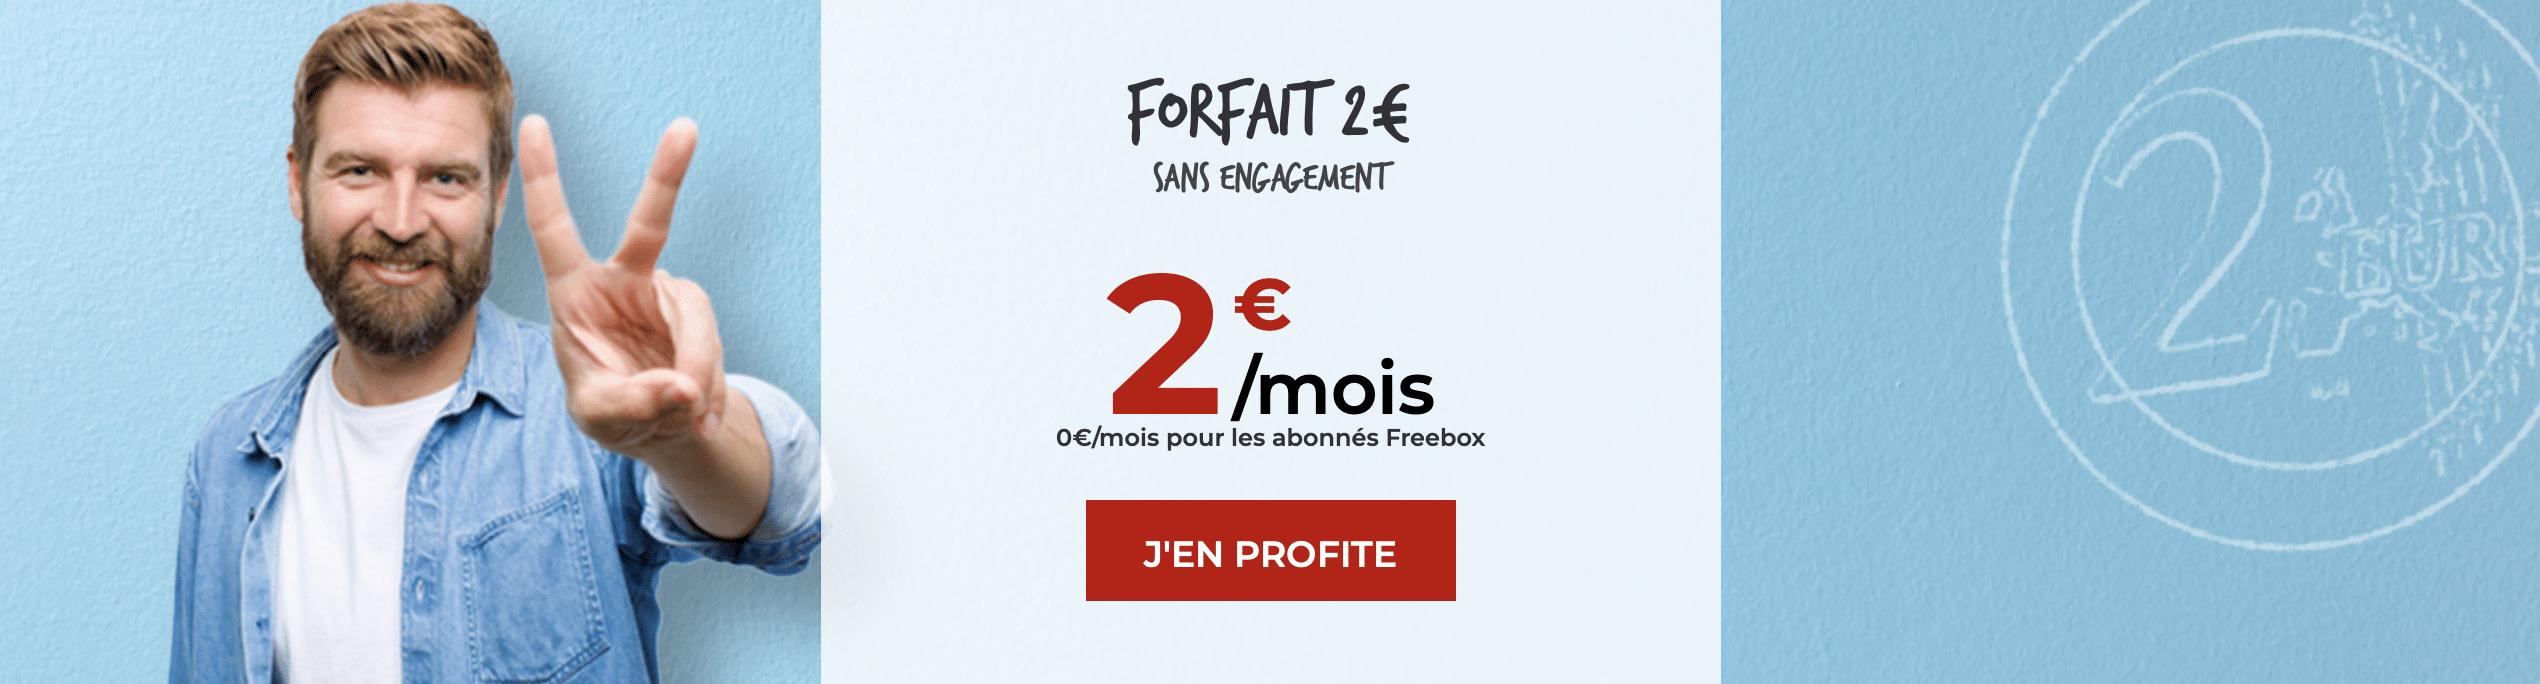 forfait prépayé Free €2